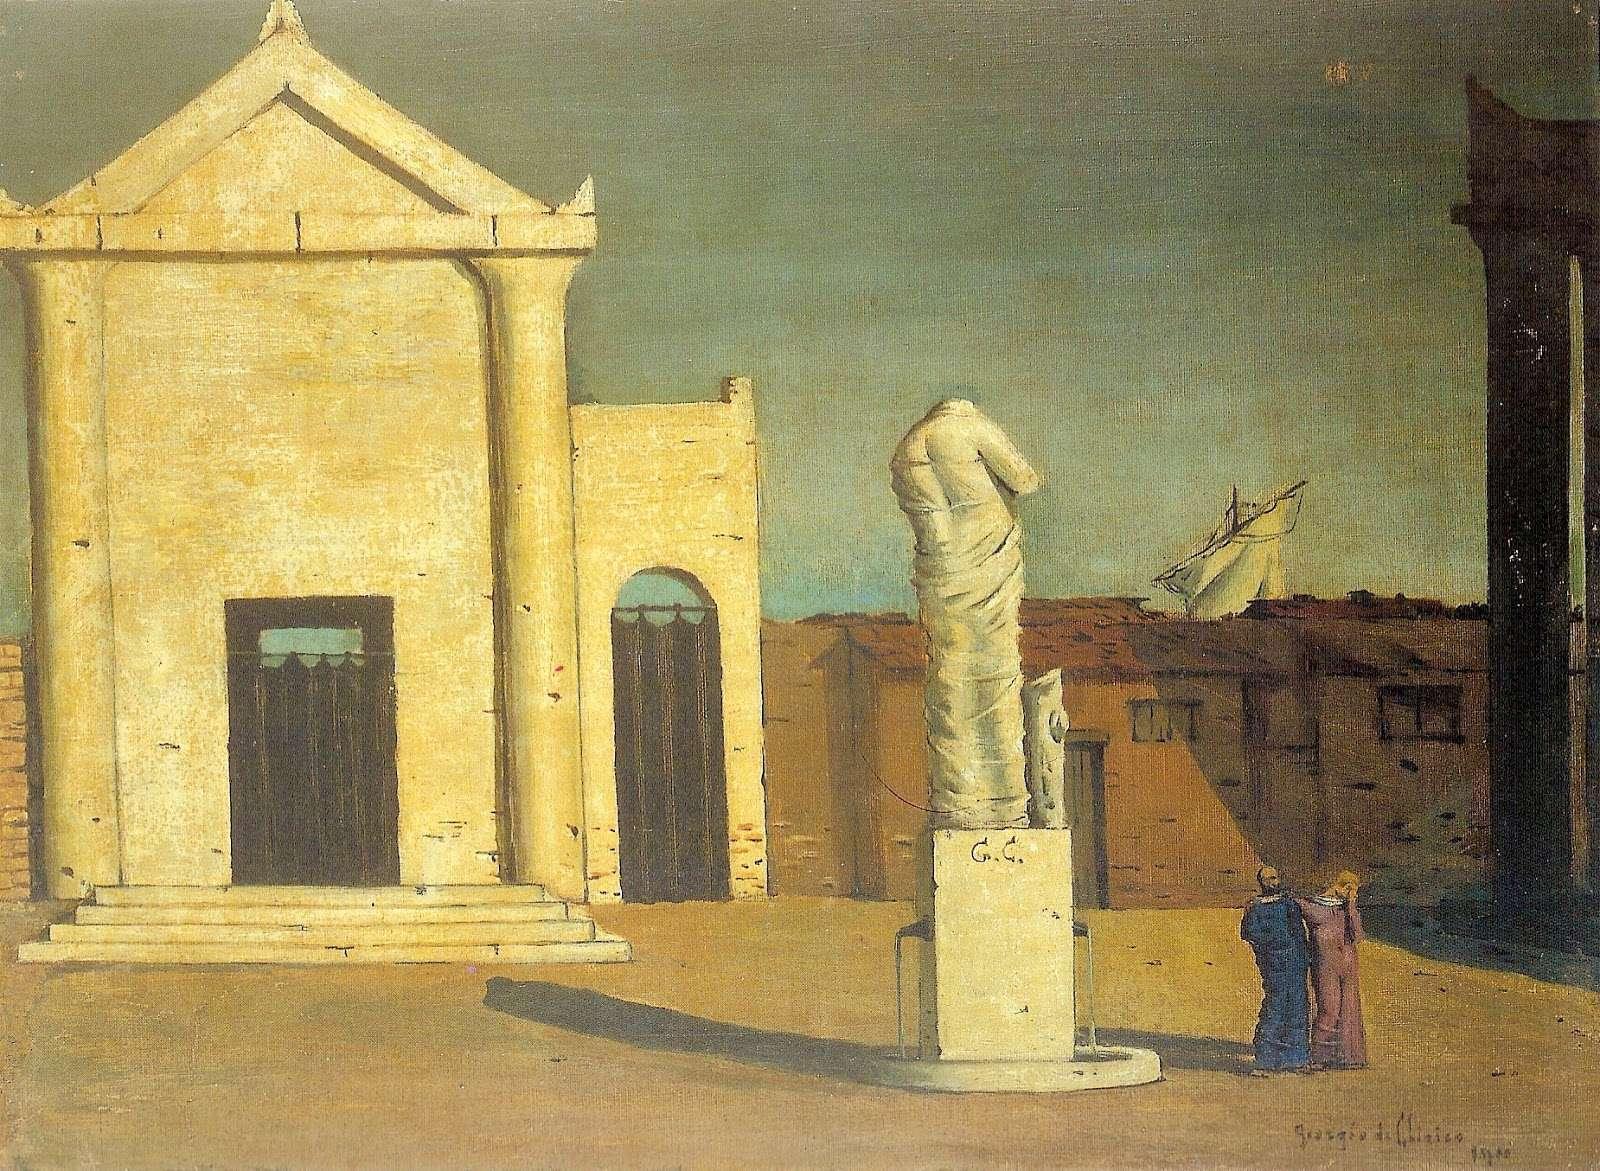 Τζόρτζο ντε Κίρικο. Giorgio de Chirico (10 Ιουλίου 1888 – 20 Νοεμβρίου 1978.)